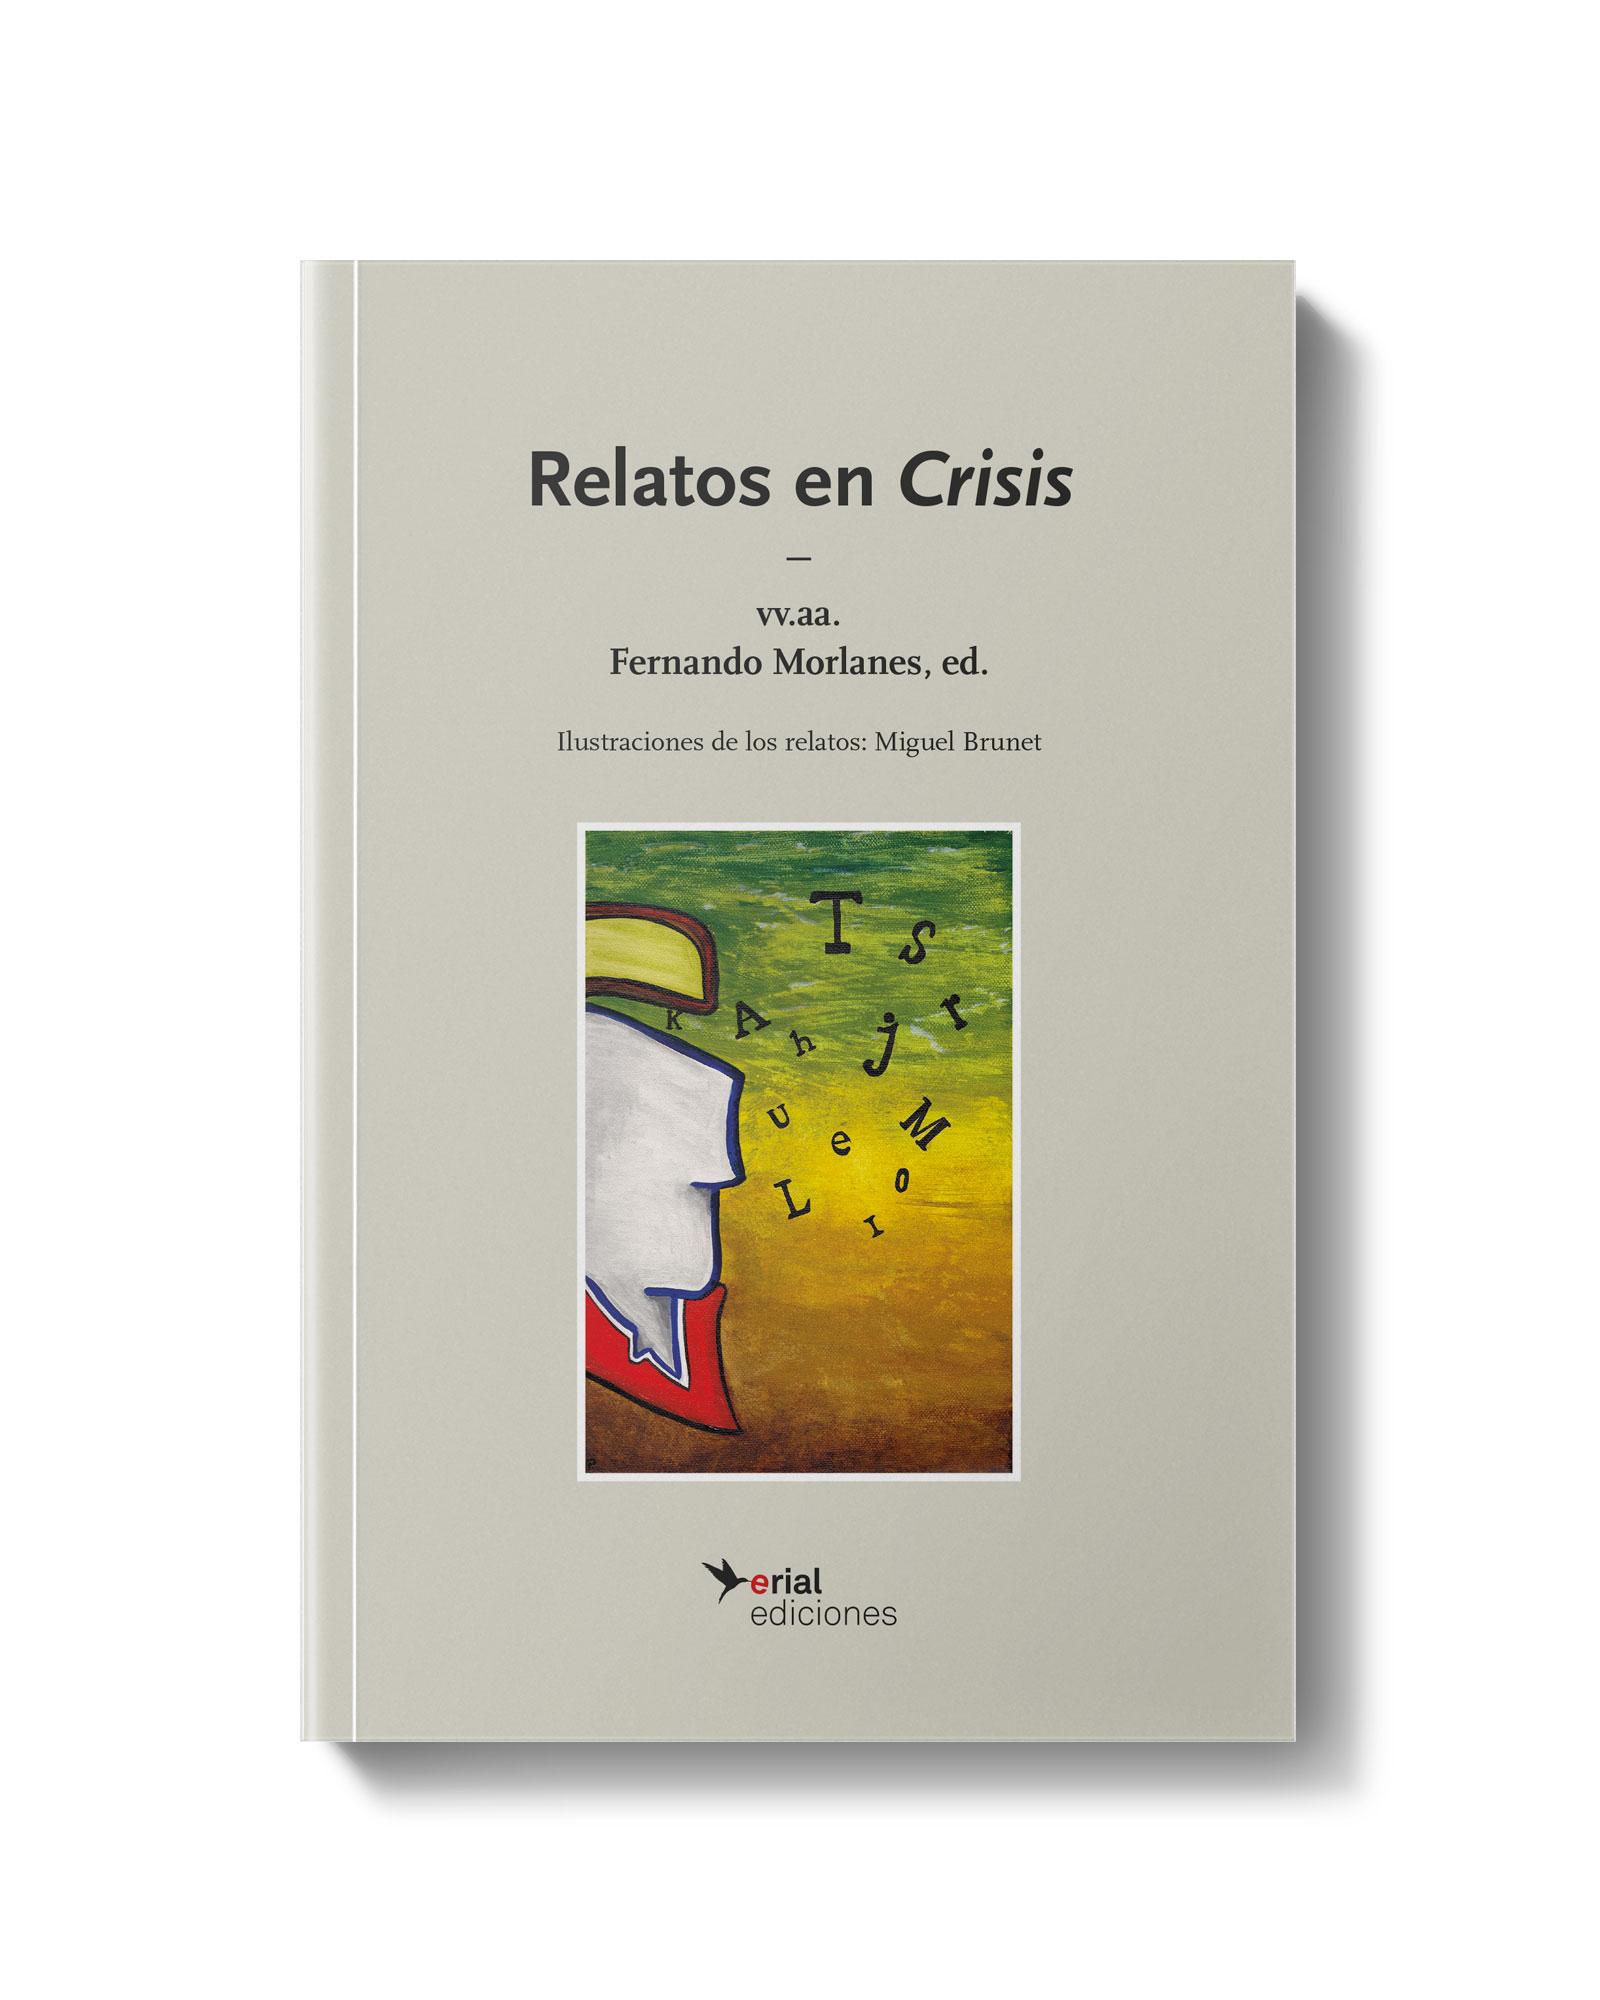 Relatos en Crisis - Fernando Morlanes y Miguel Brunet